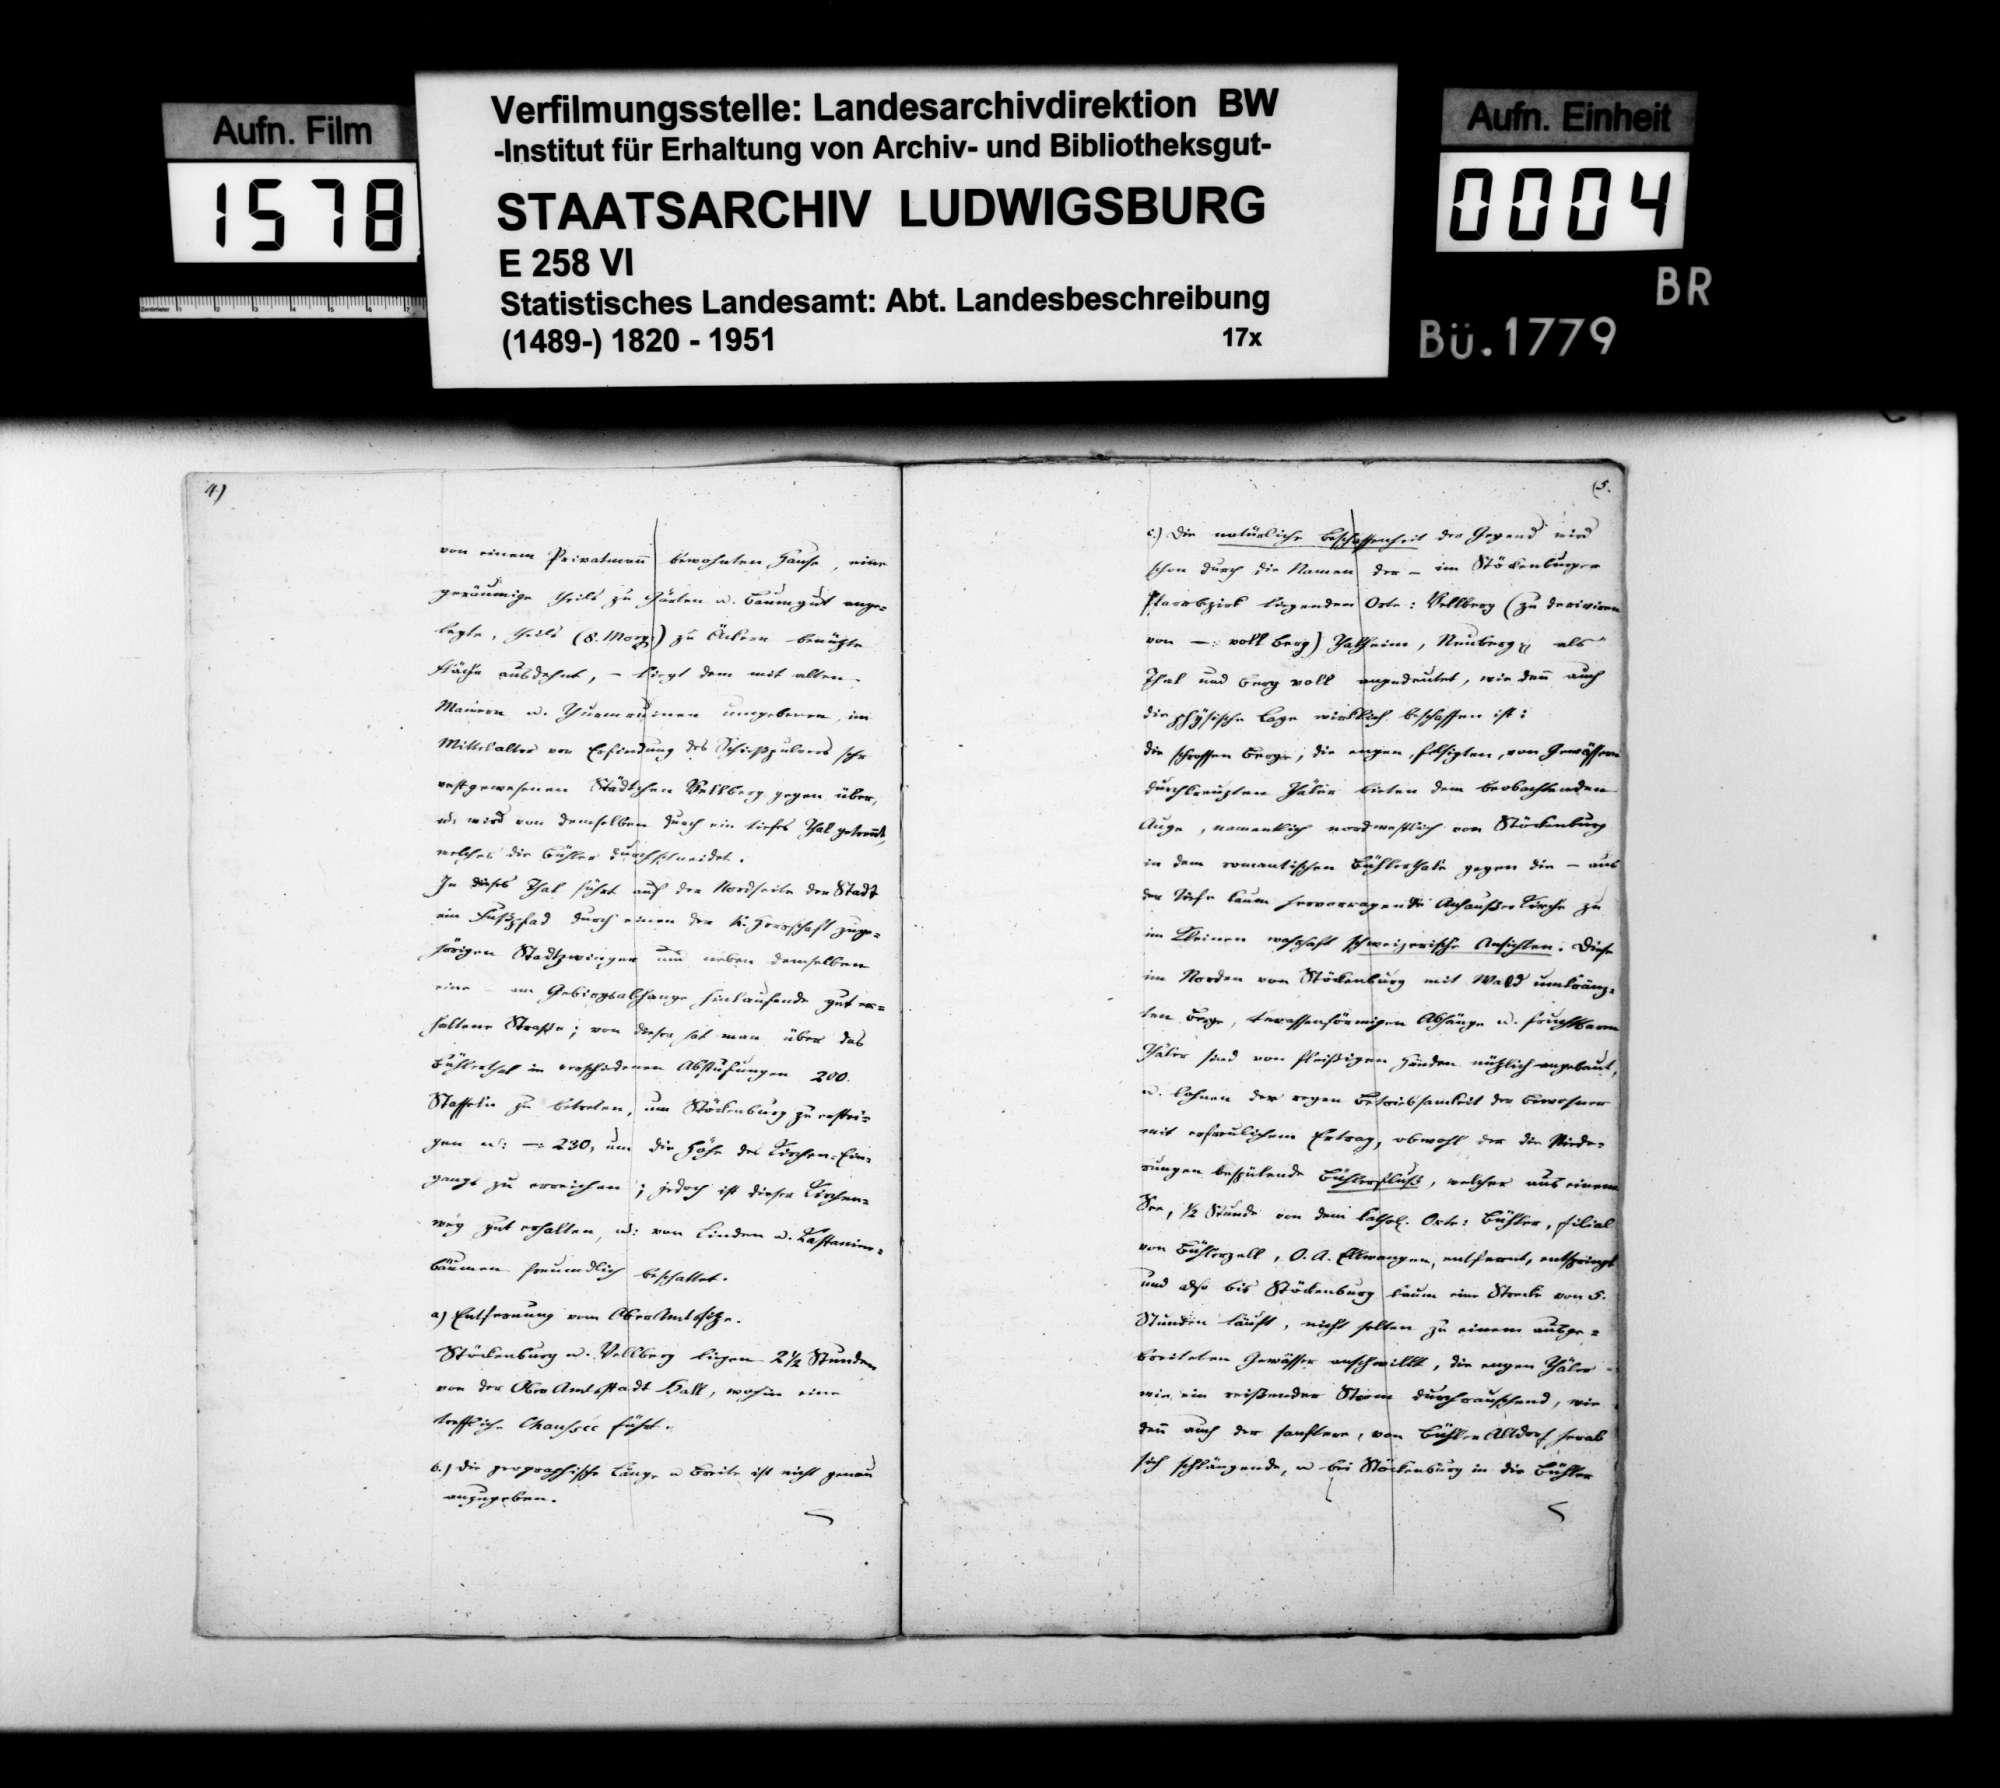 Beschreibung des Pfarrbezirks Stöckenburg von Pfarrer Renner nach den Themen wie oben bei Anhausen, Bild 3